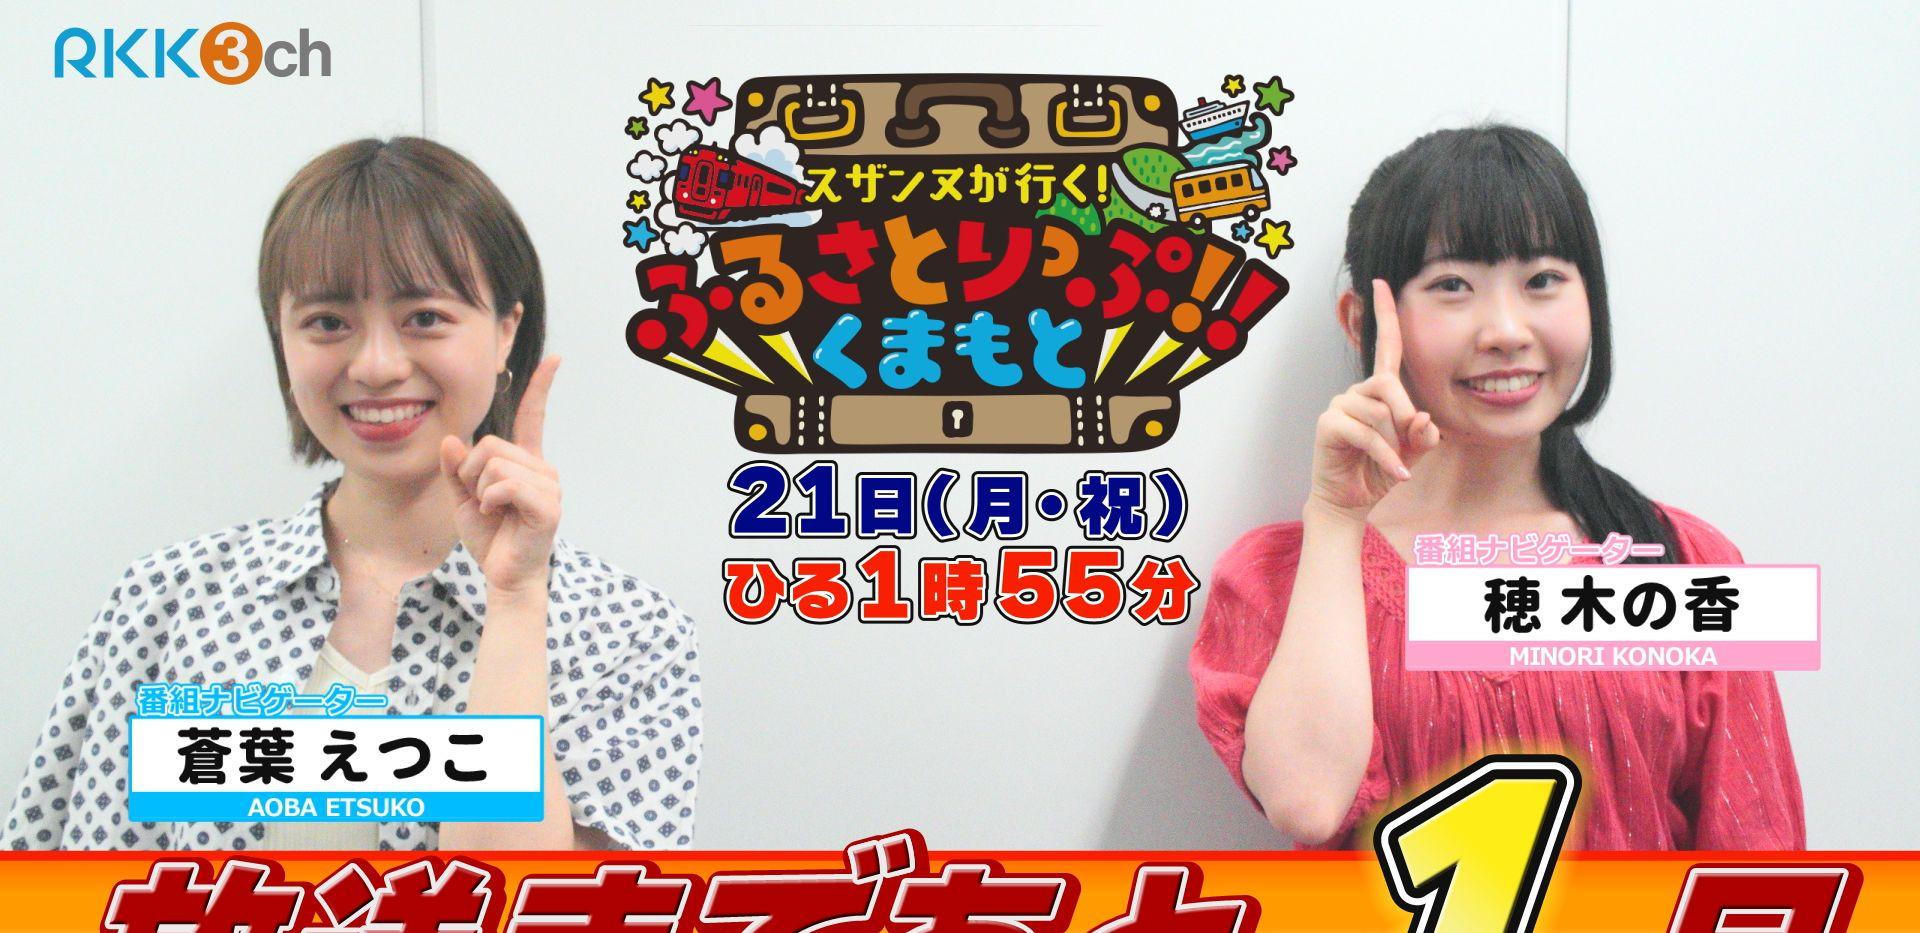 「スザンヌが行く!ふるさとりっぷ!!くまもと!」熊本放送(TBS系列)